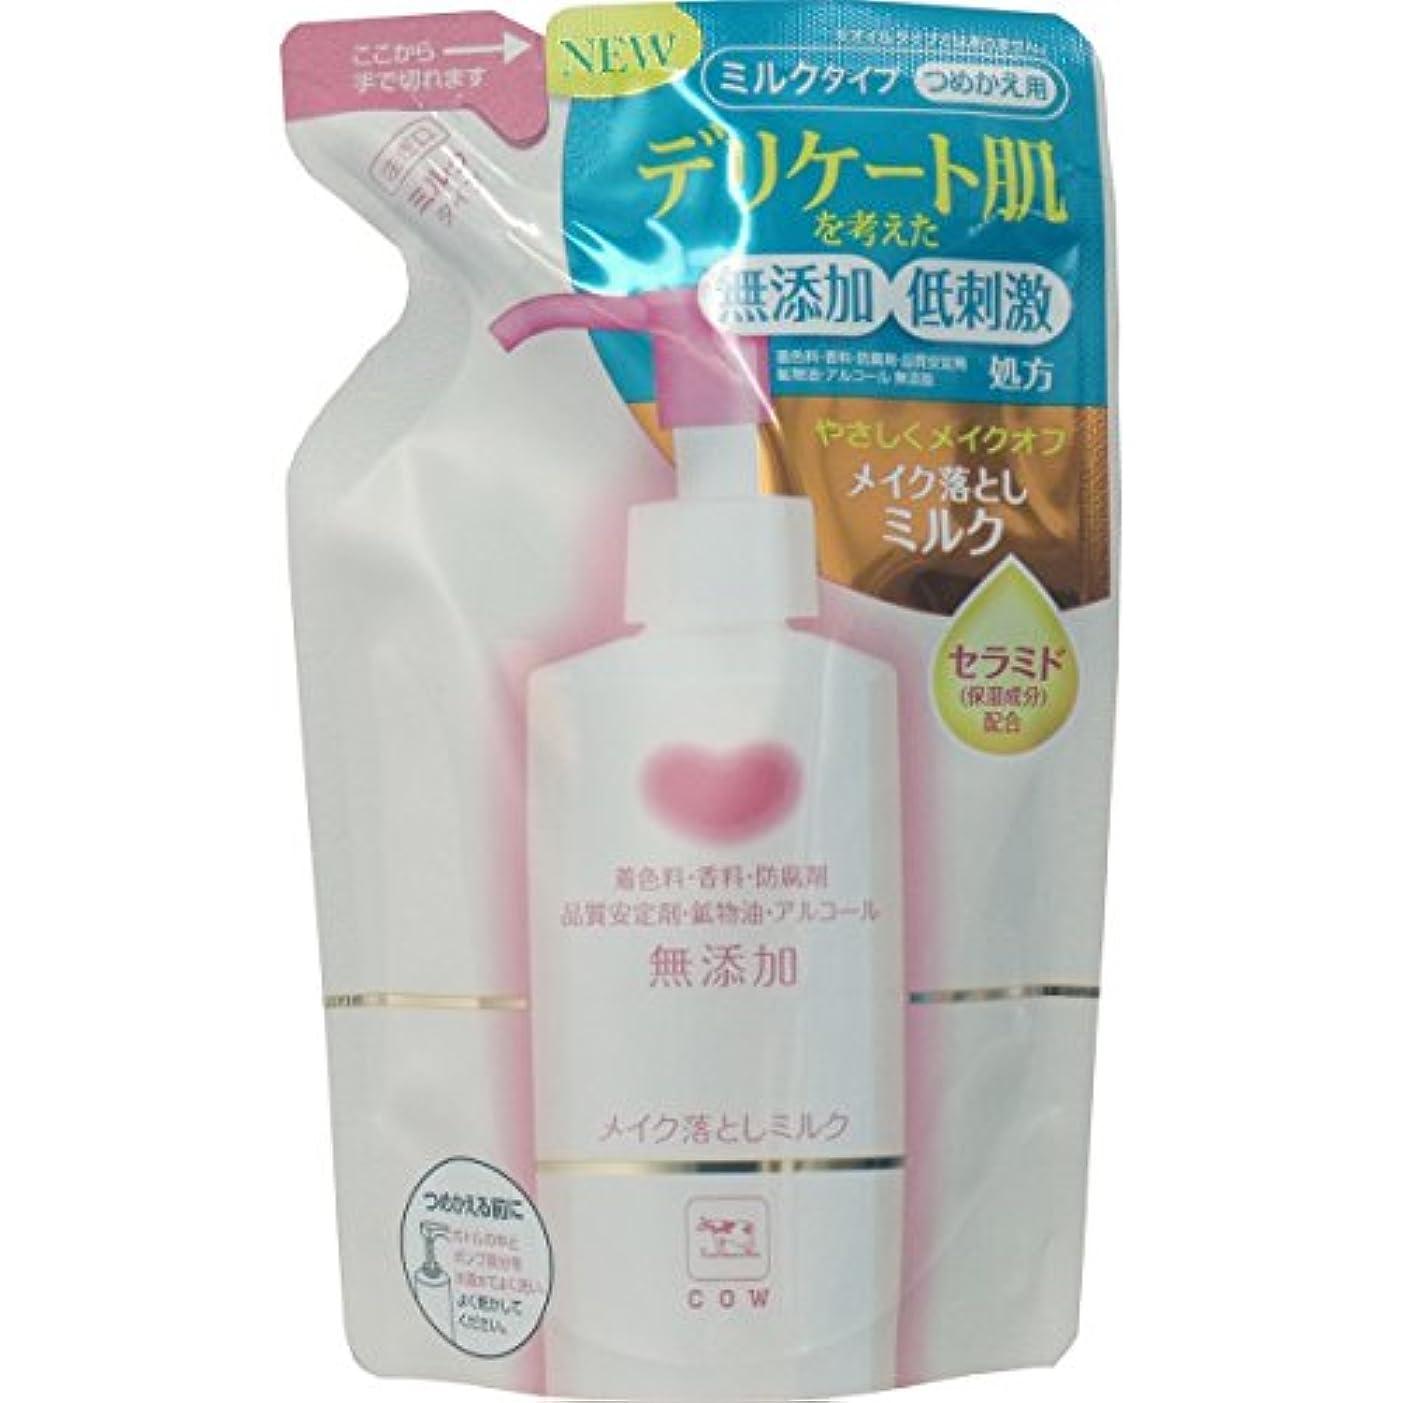 教育ジャーナル詳細な【牛乳石鹸共進社】カウ無添加 メイク落としミルク つめかえ用 130ml ×3個セット